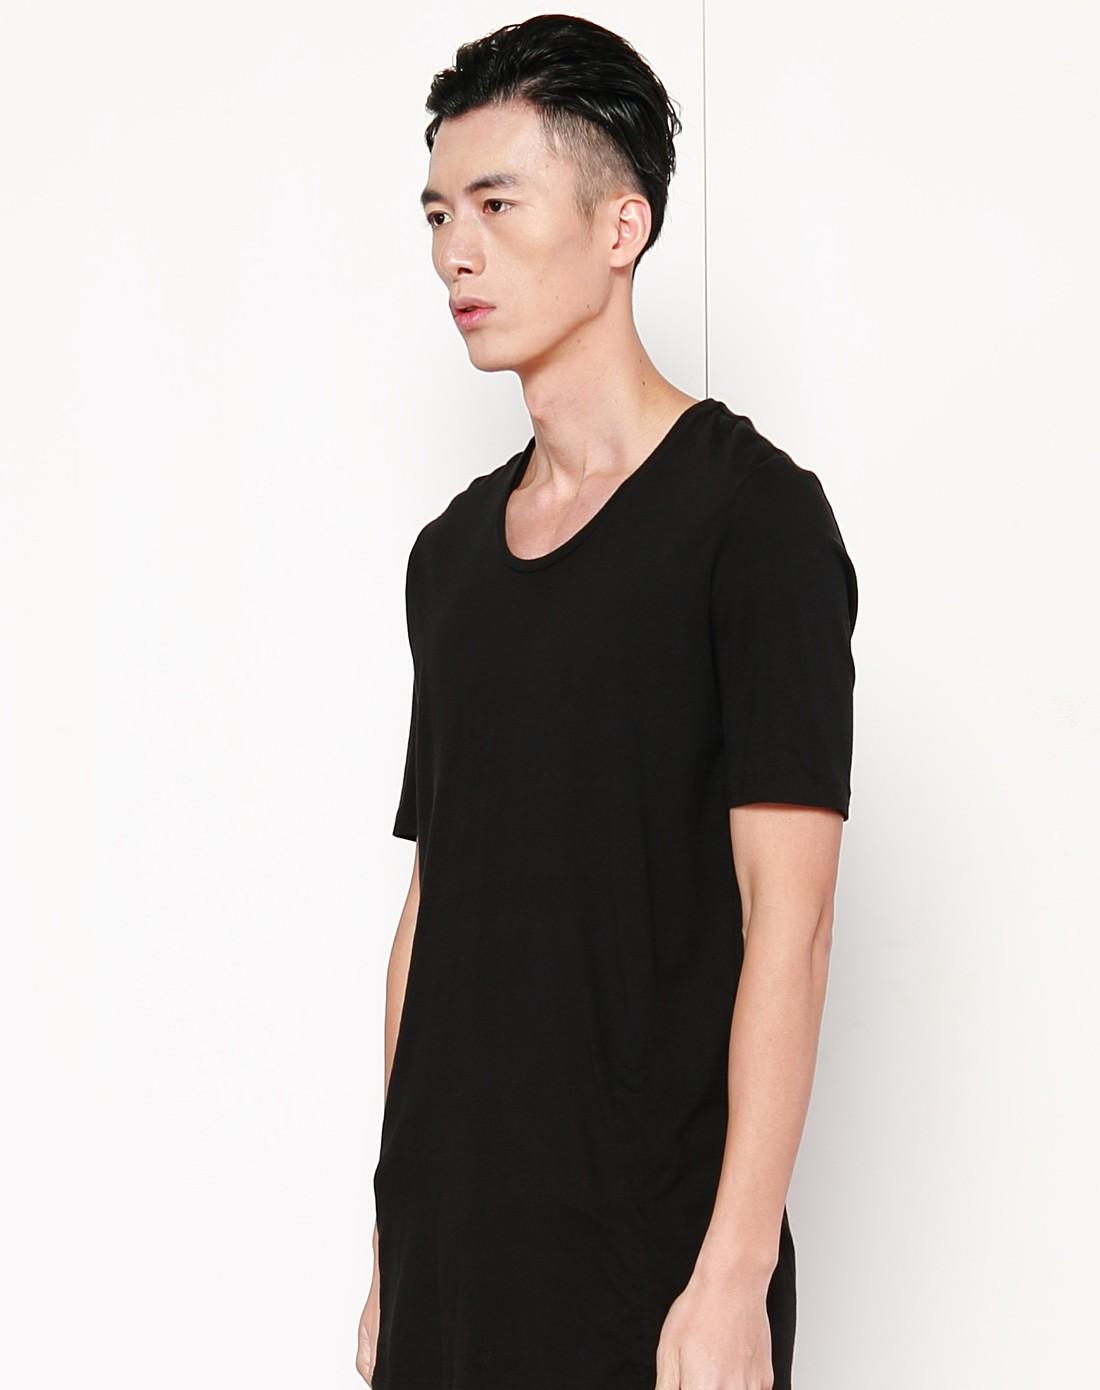 黑色潮流时尚短袖t恤